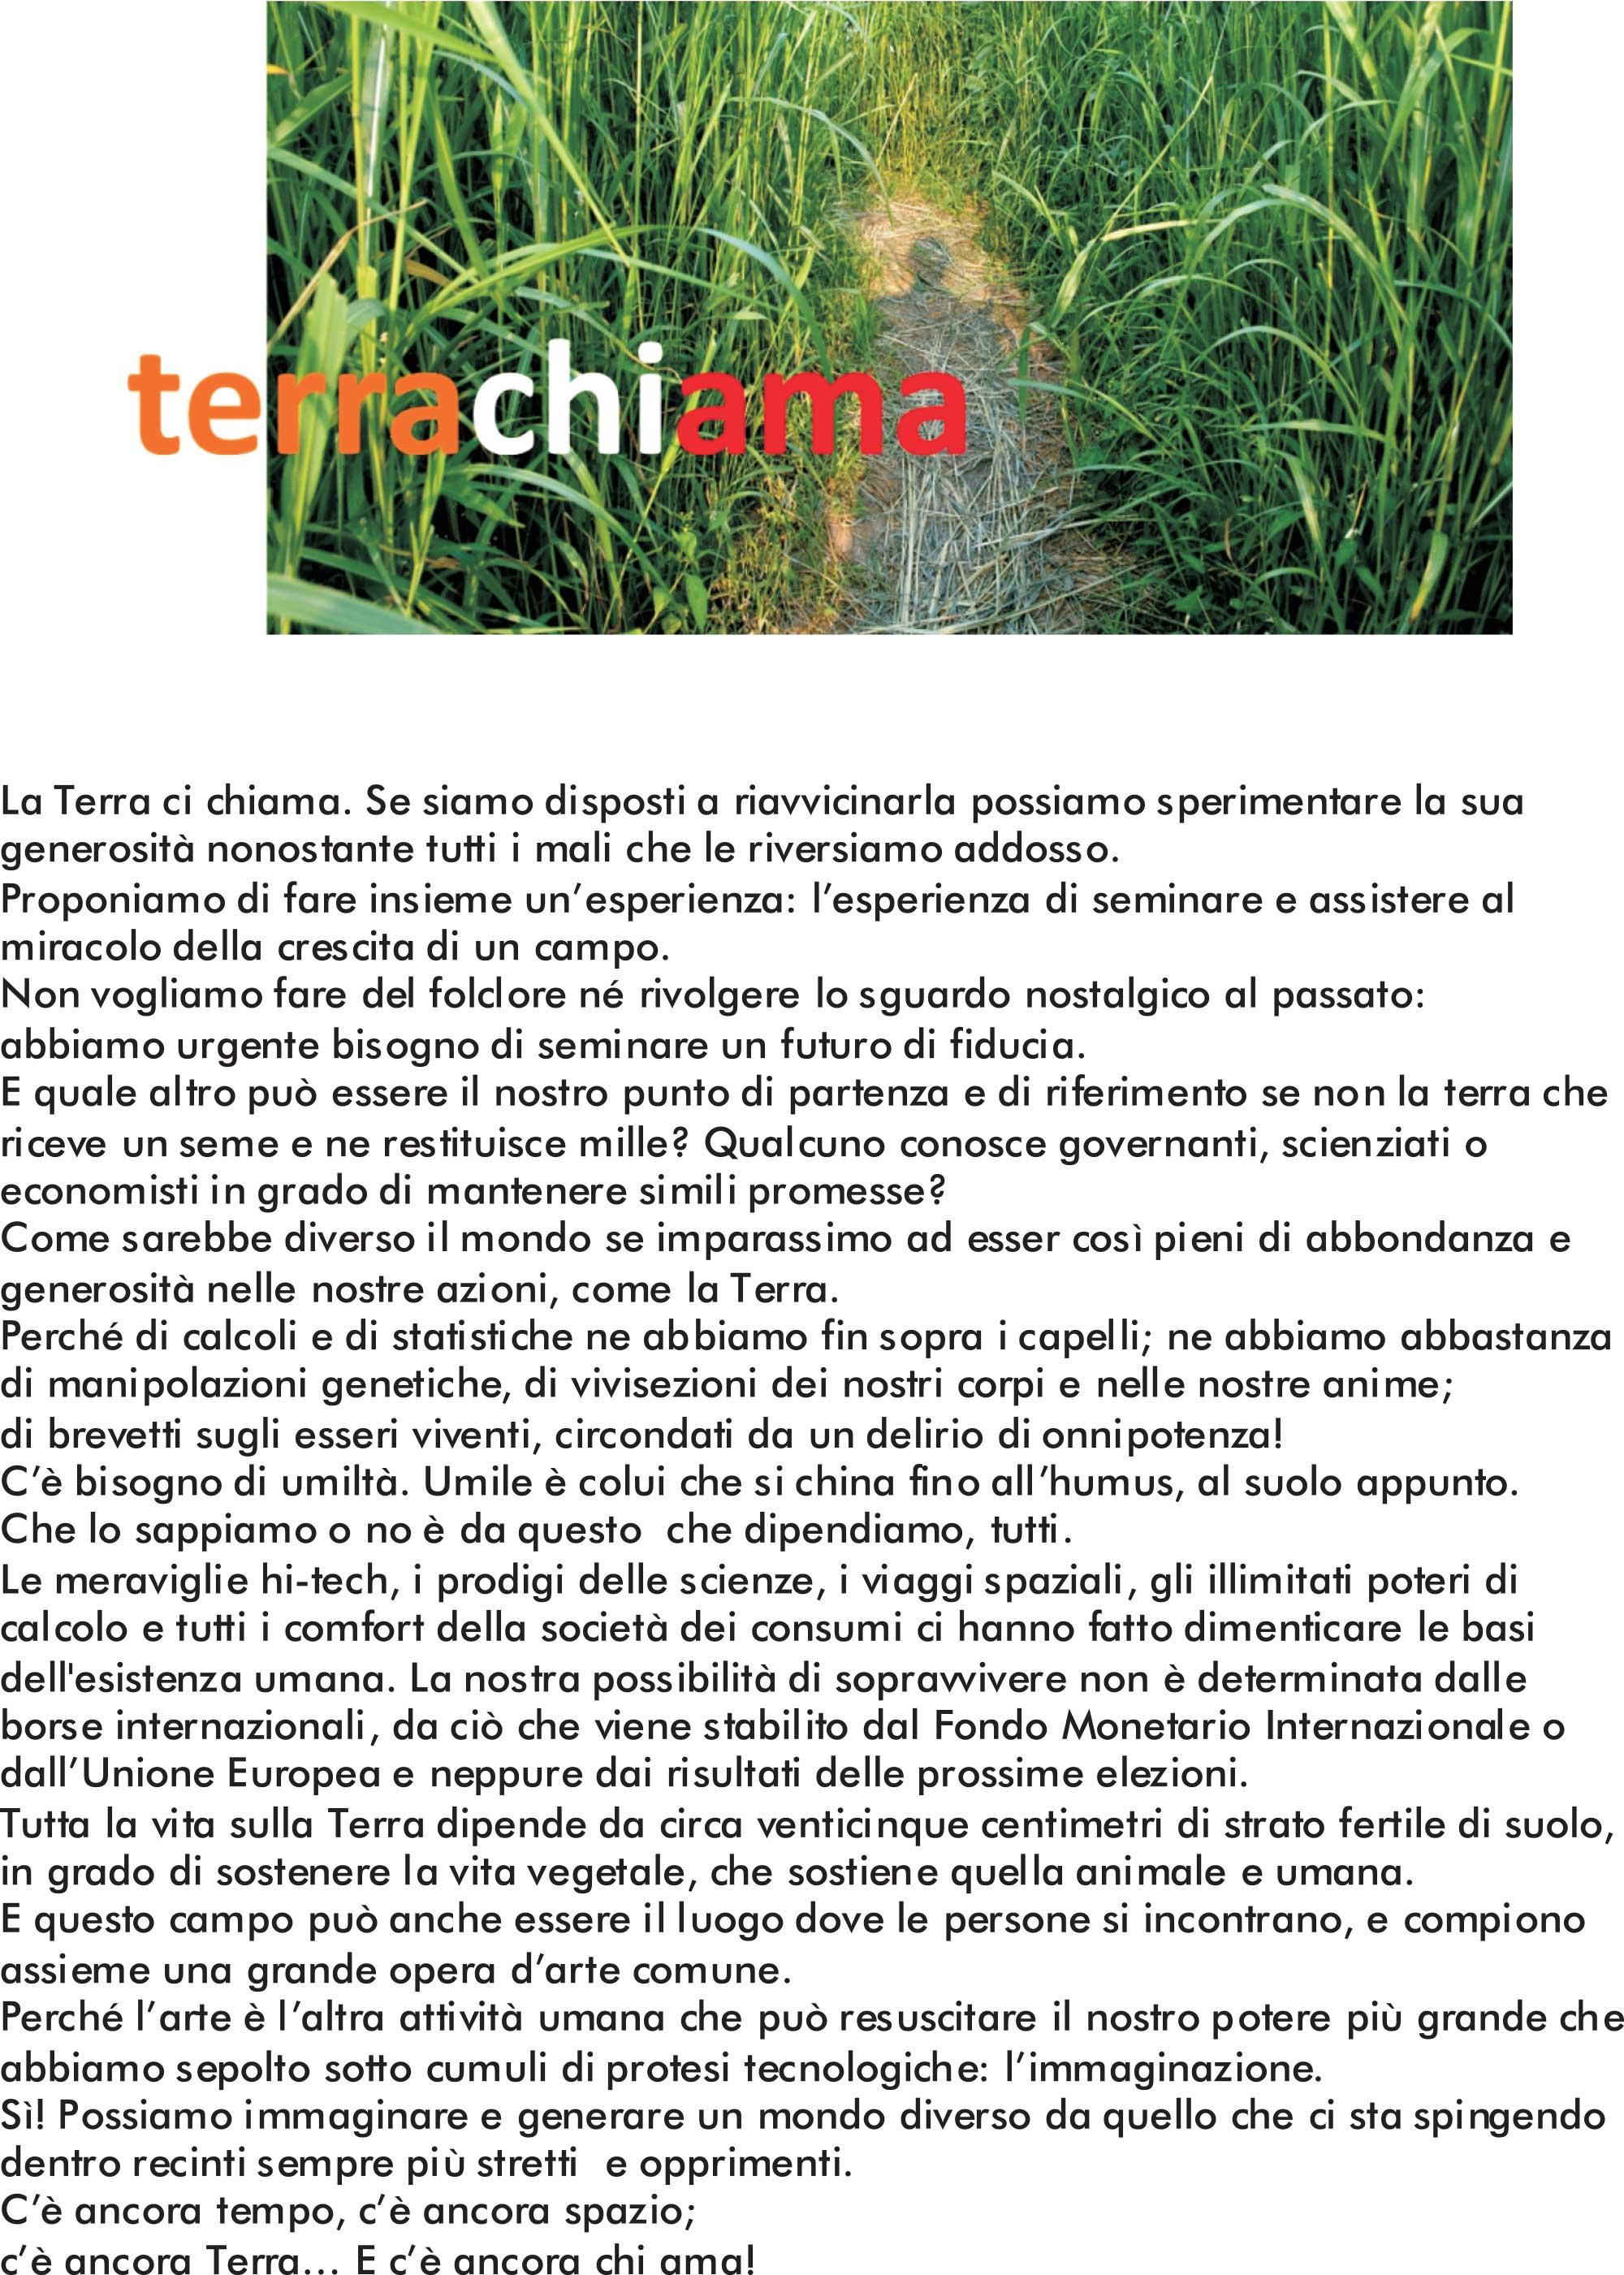 TERRACHIAMA-2